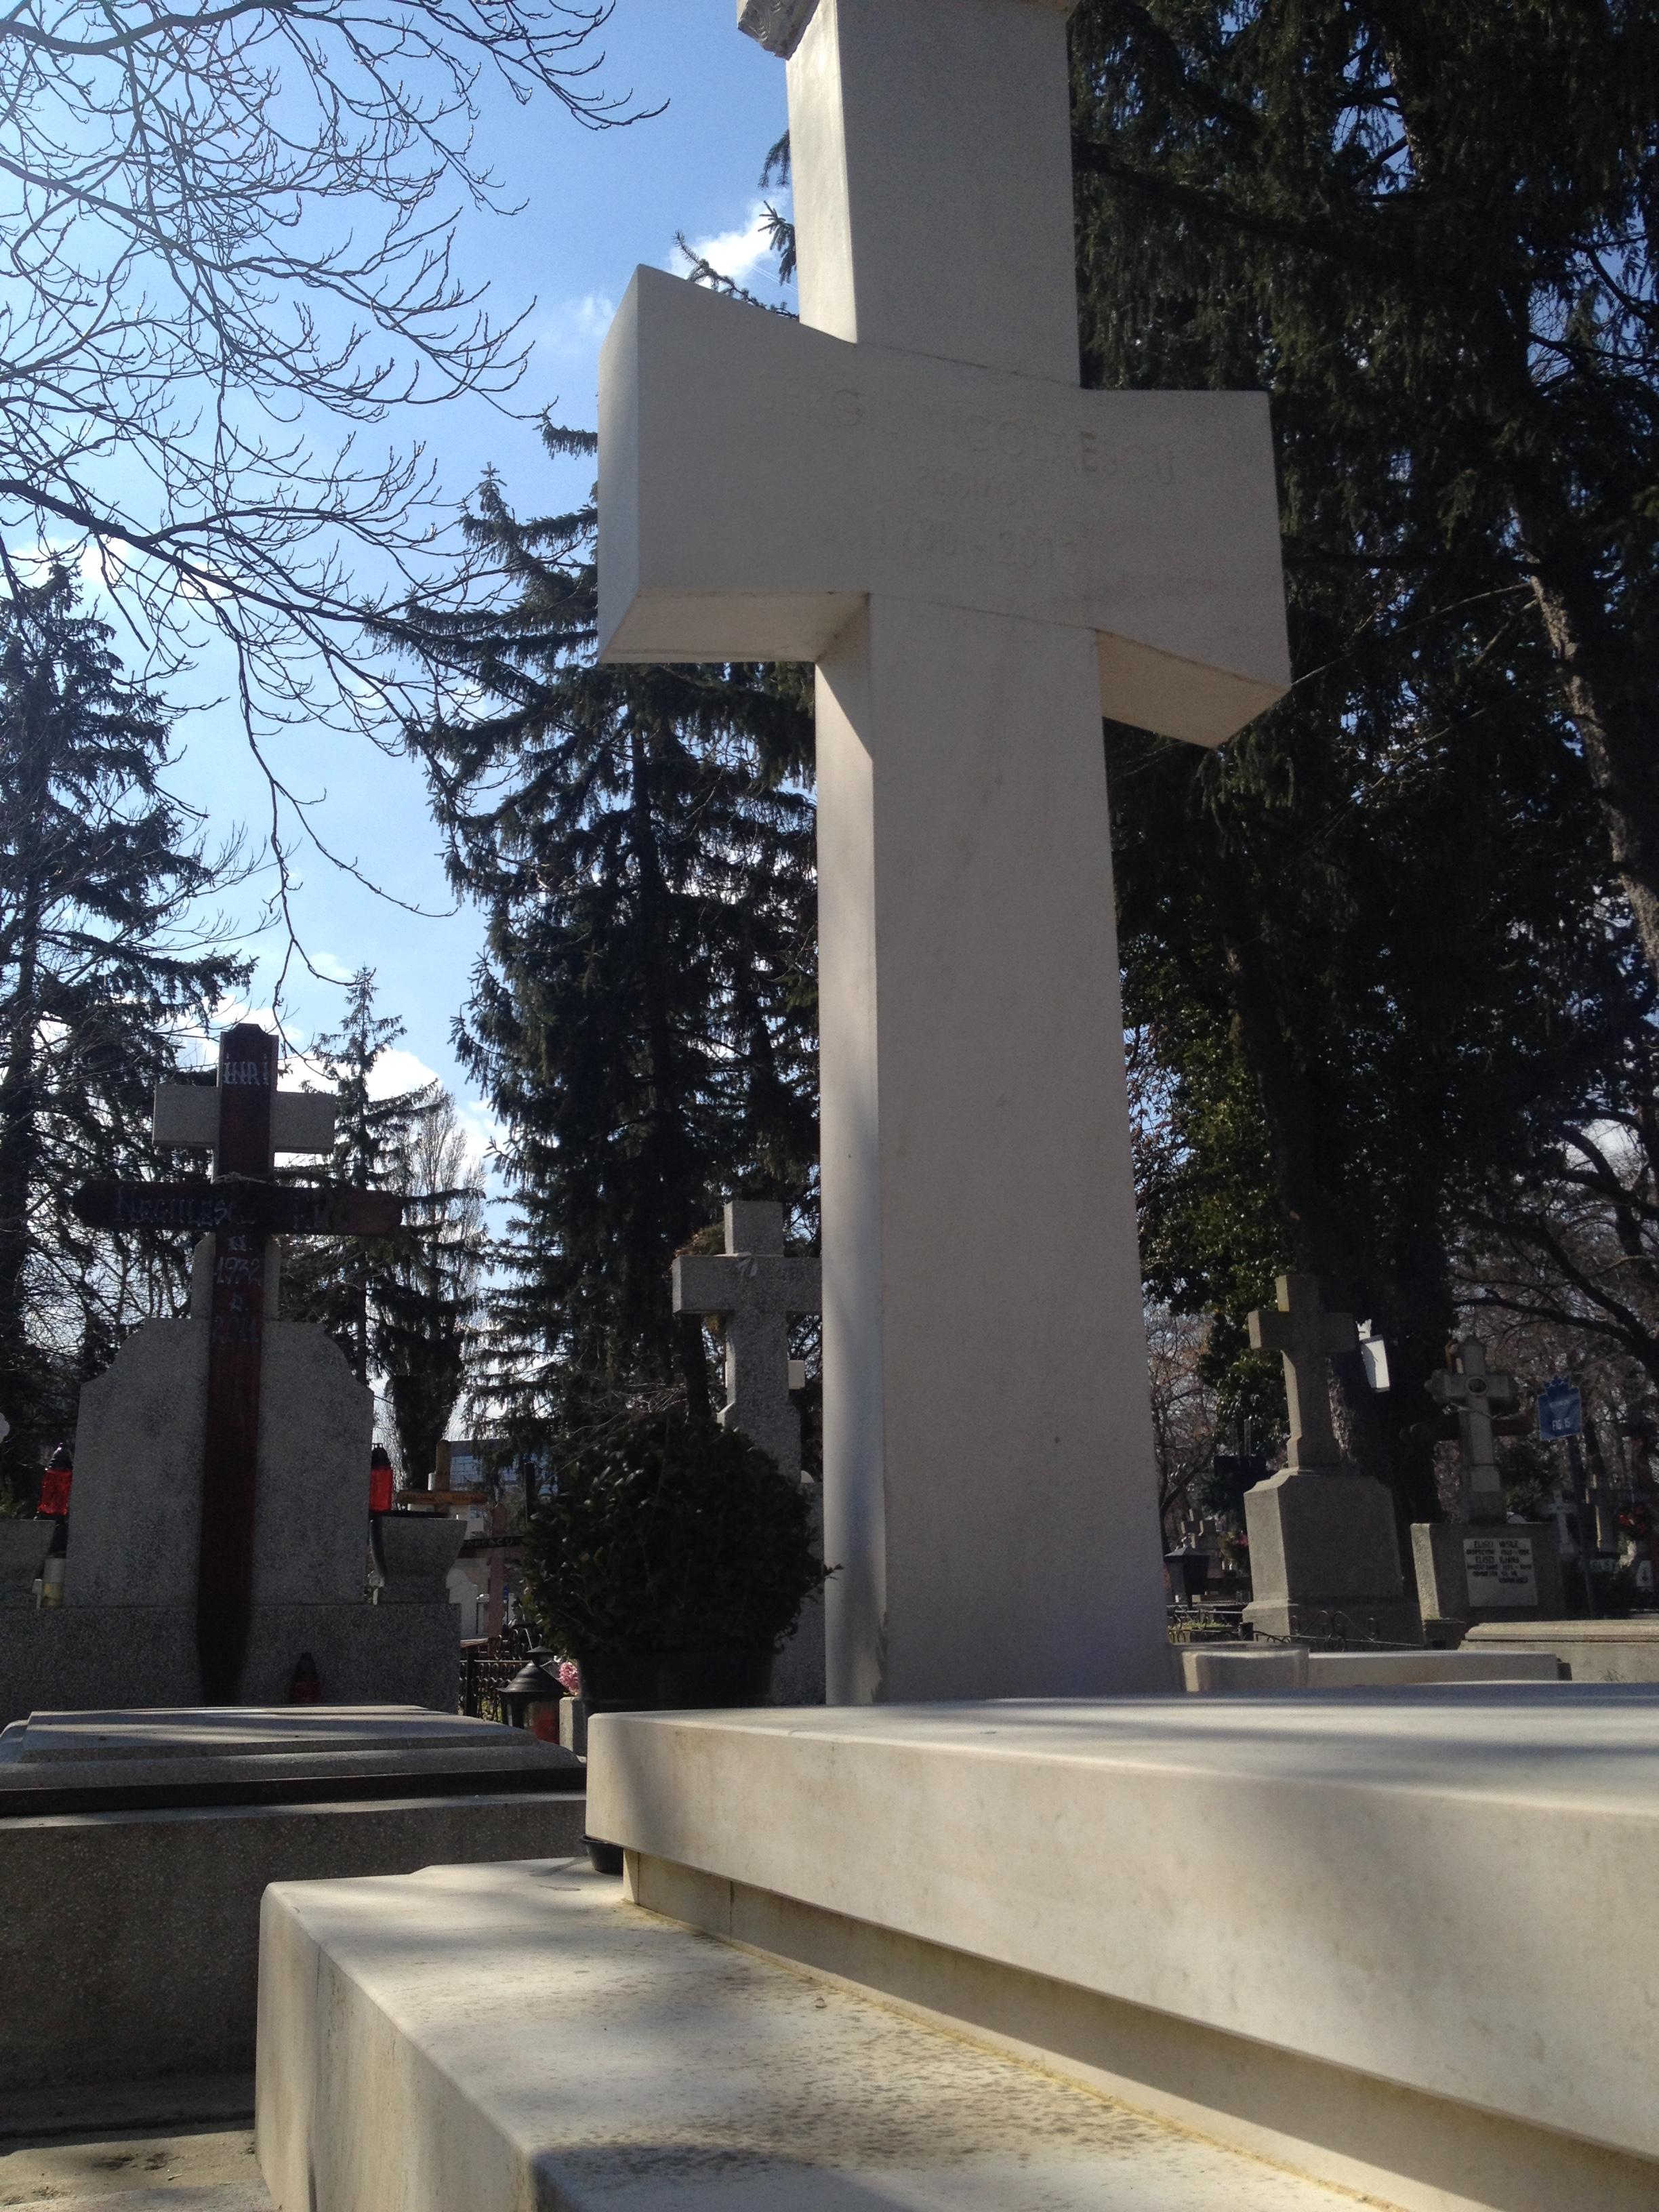 Zilele trecute nu era nicio urma de lumanare la monumentul funerar al marelui regizor